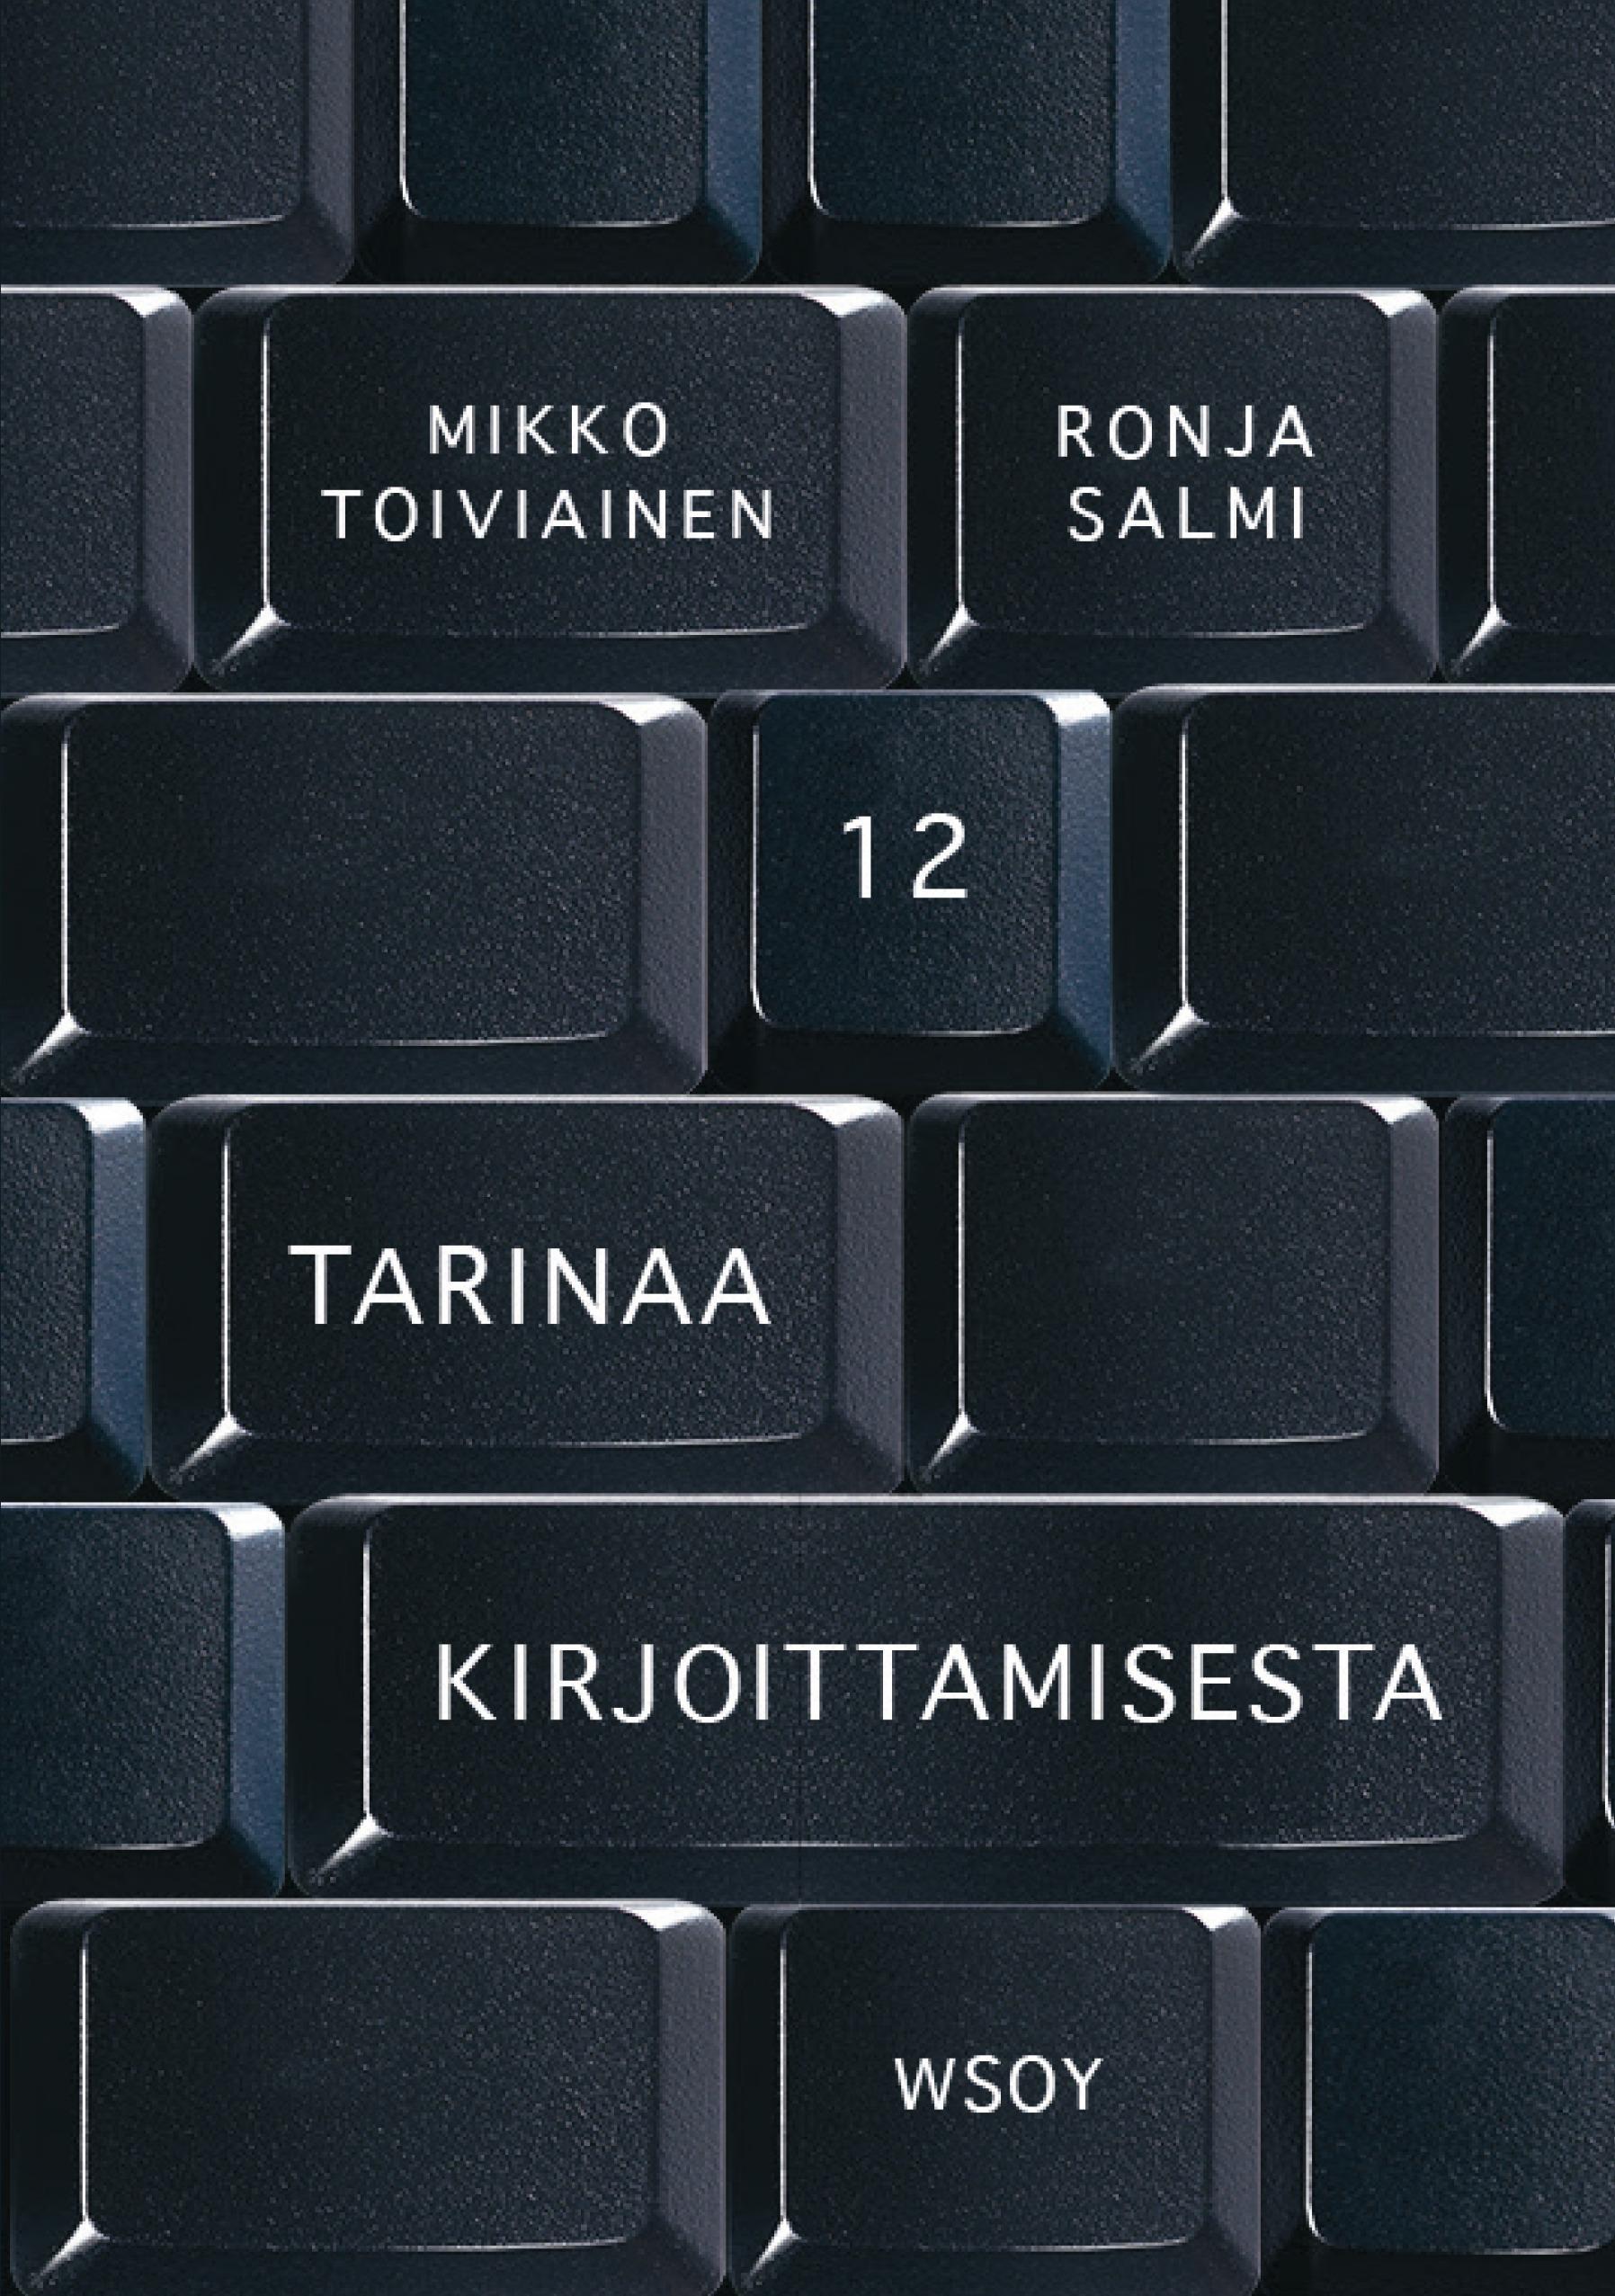 9789510423356 - Kansikuva